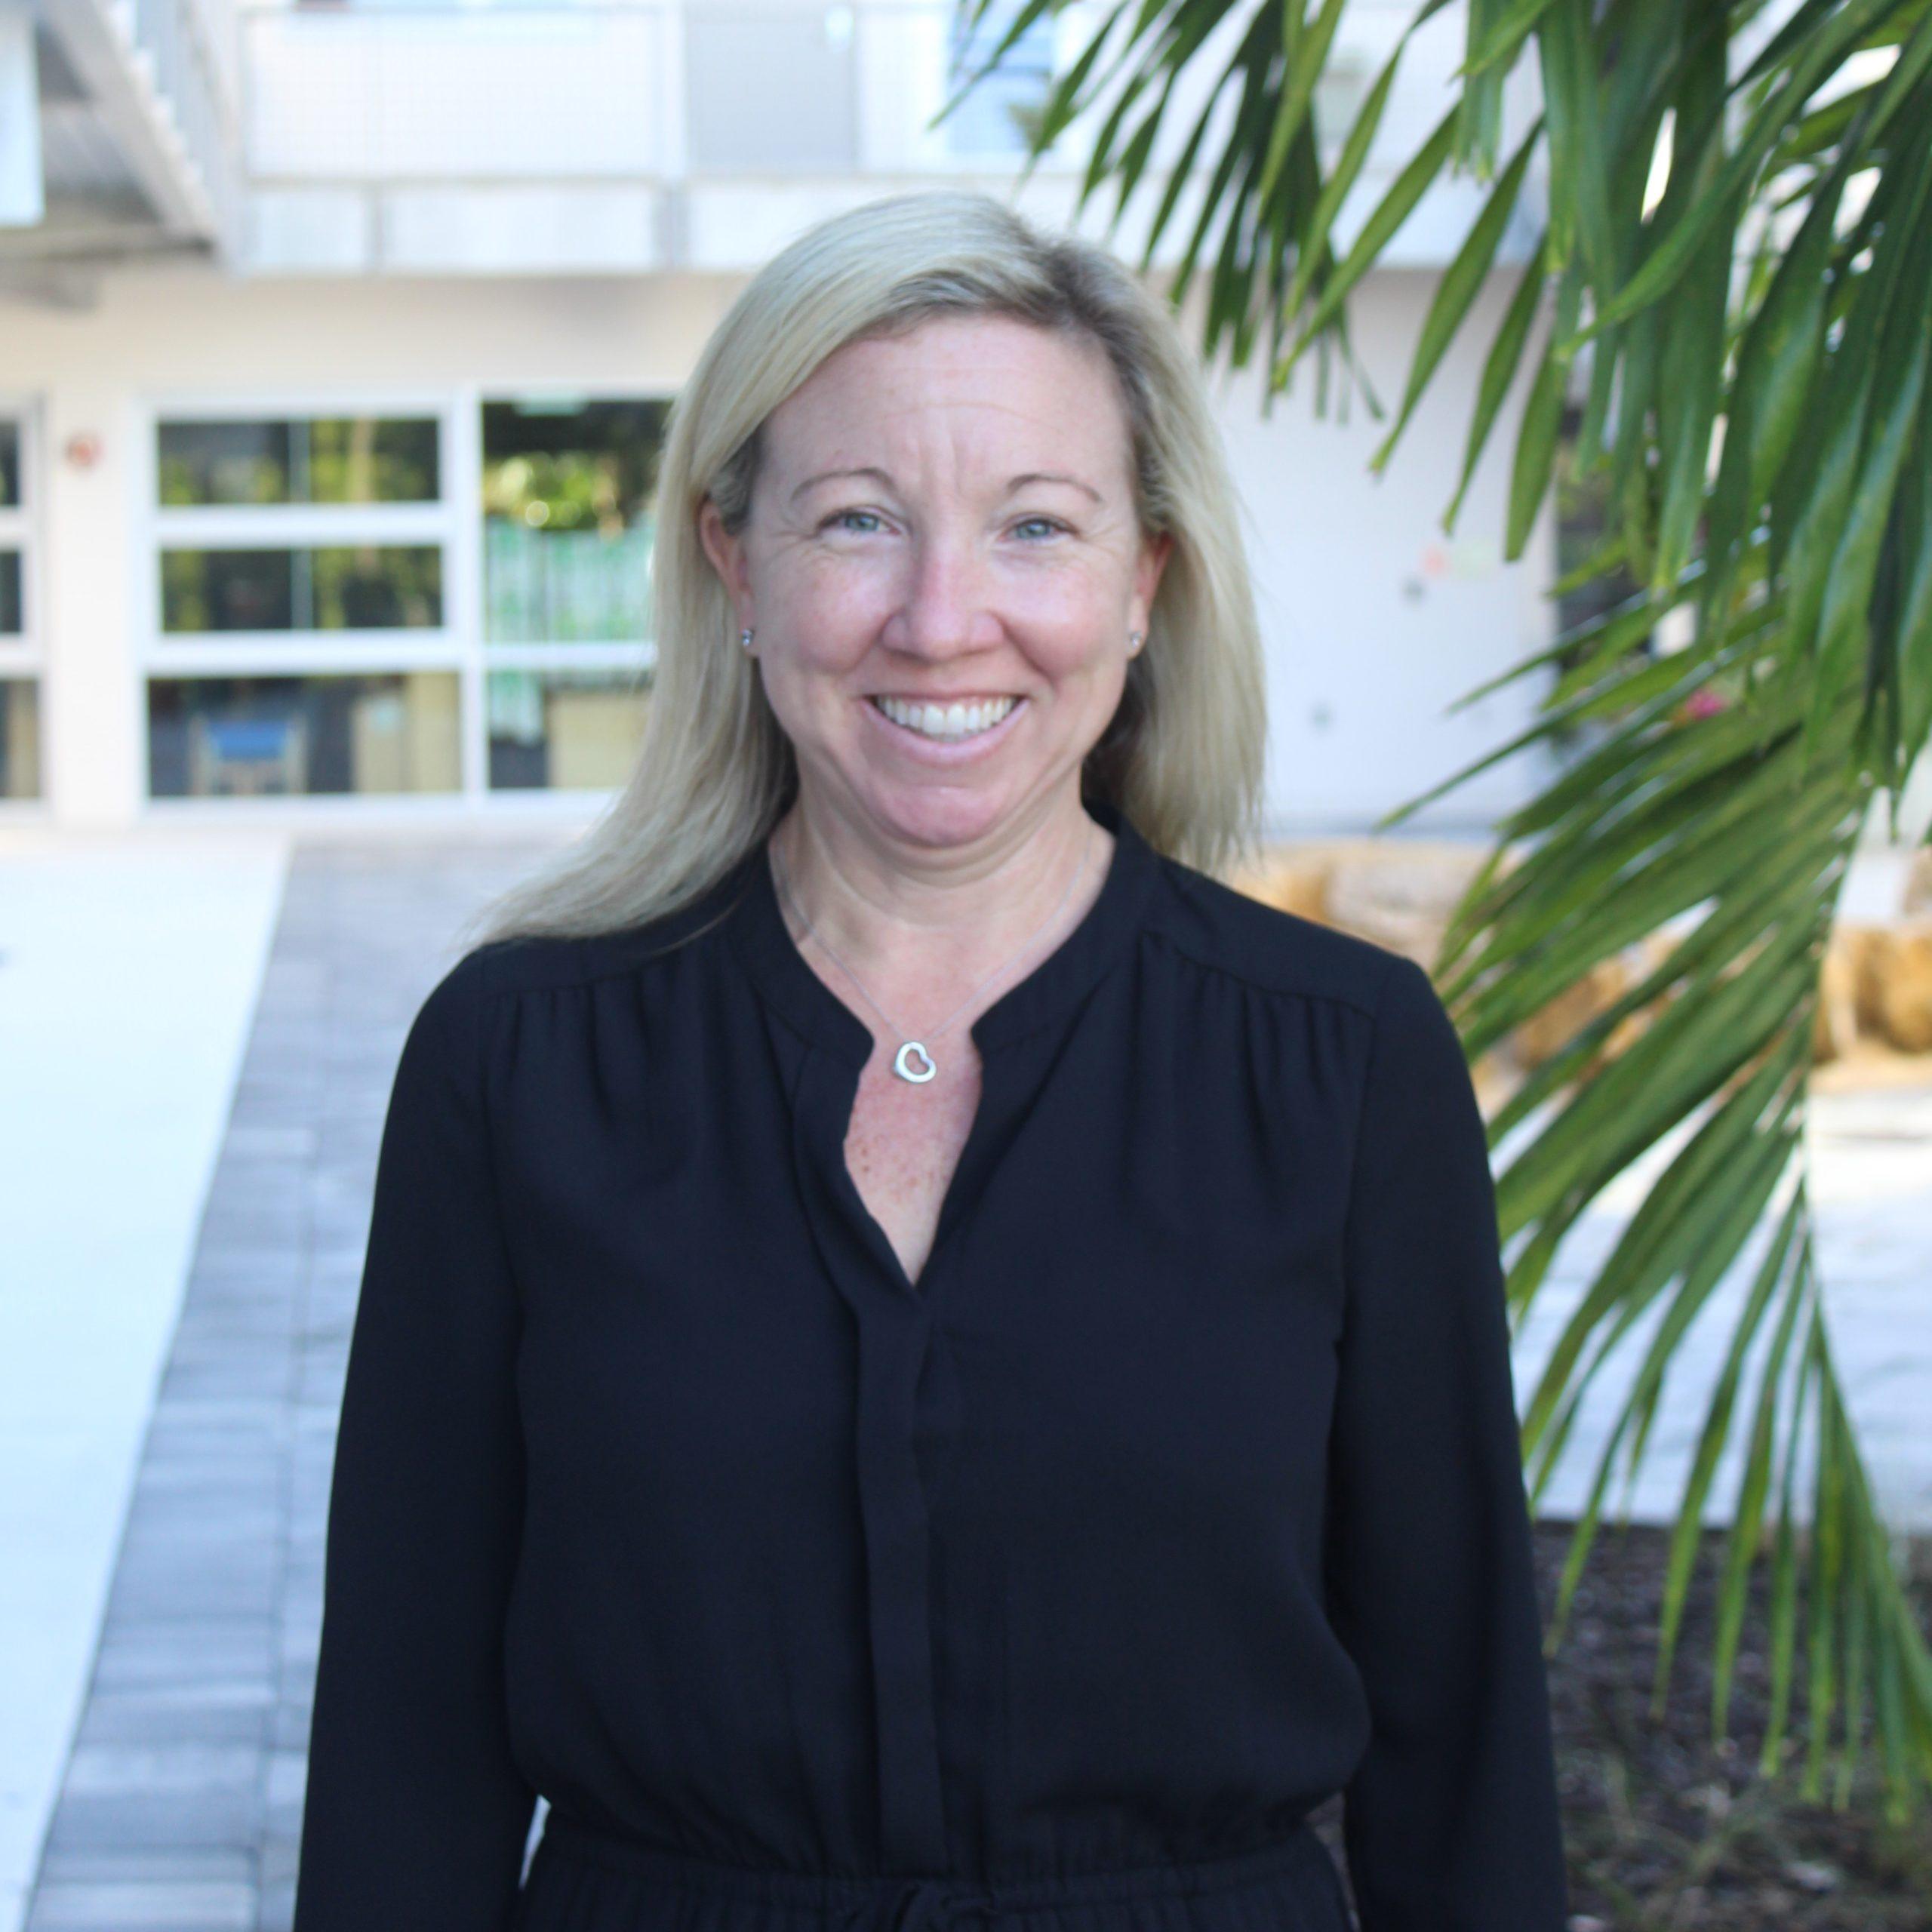 Tara Barrett